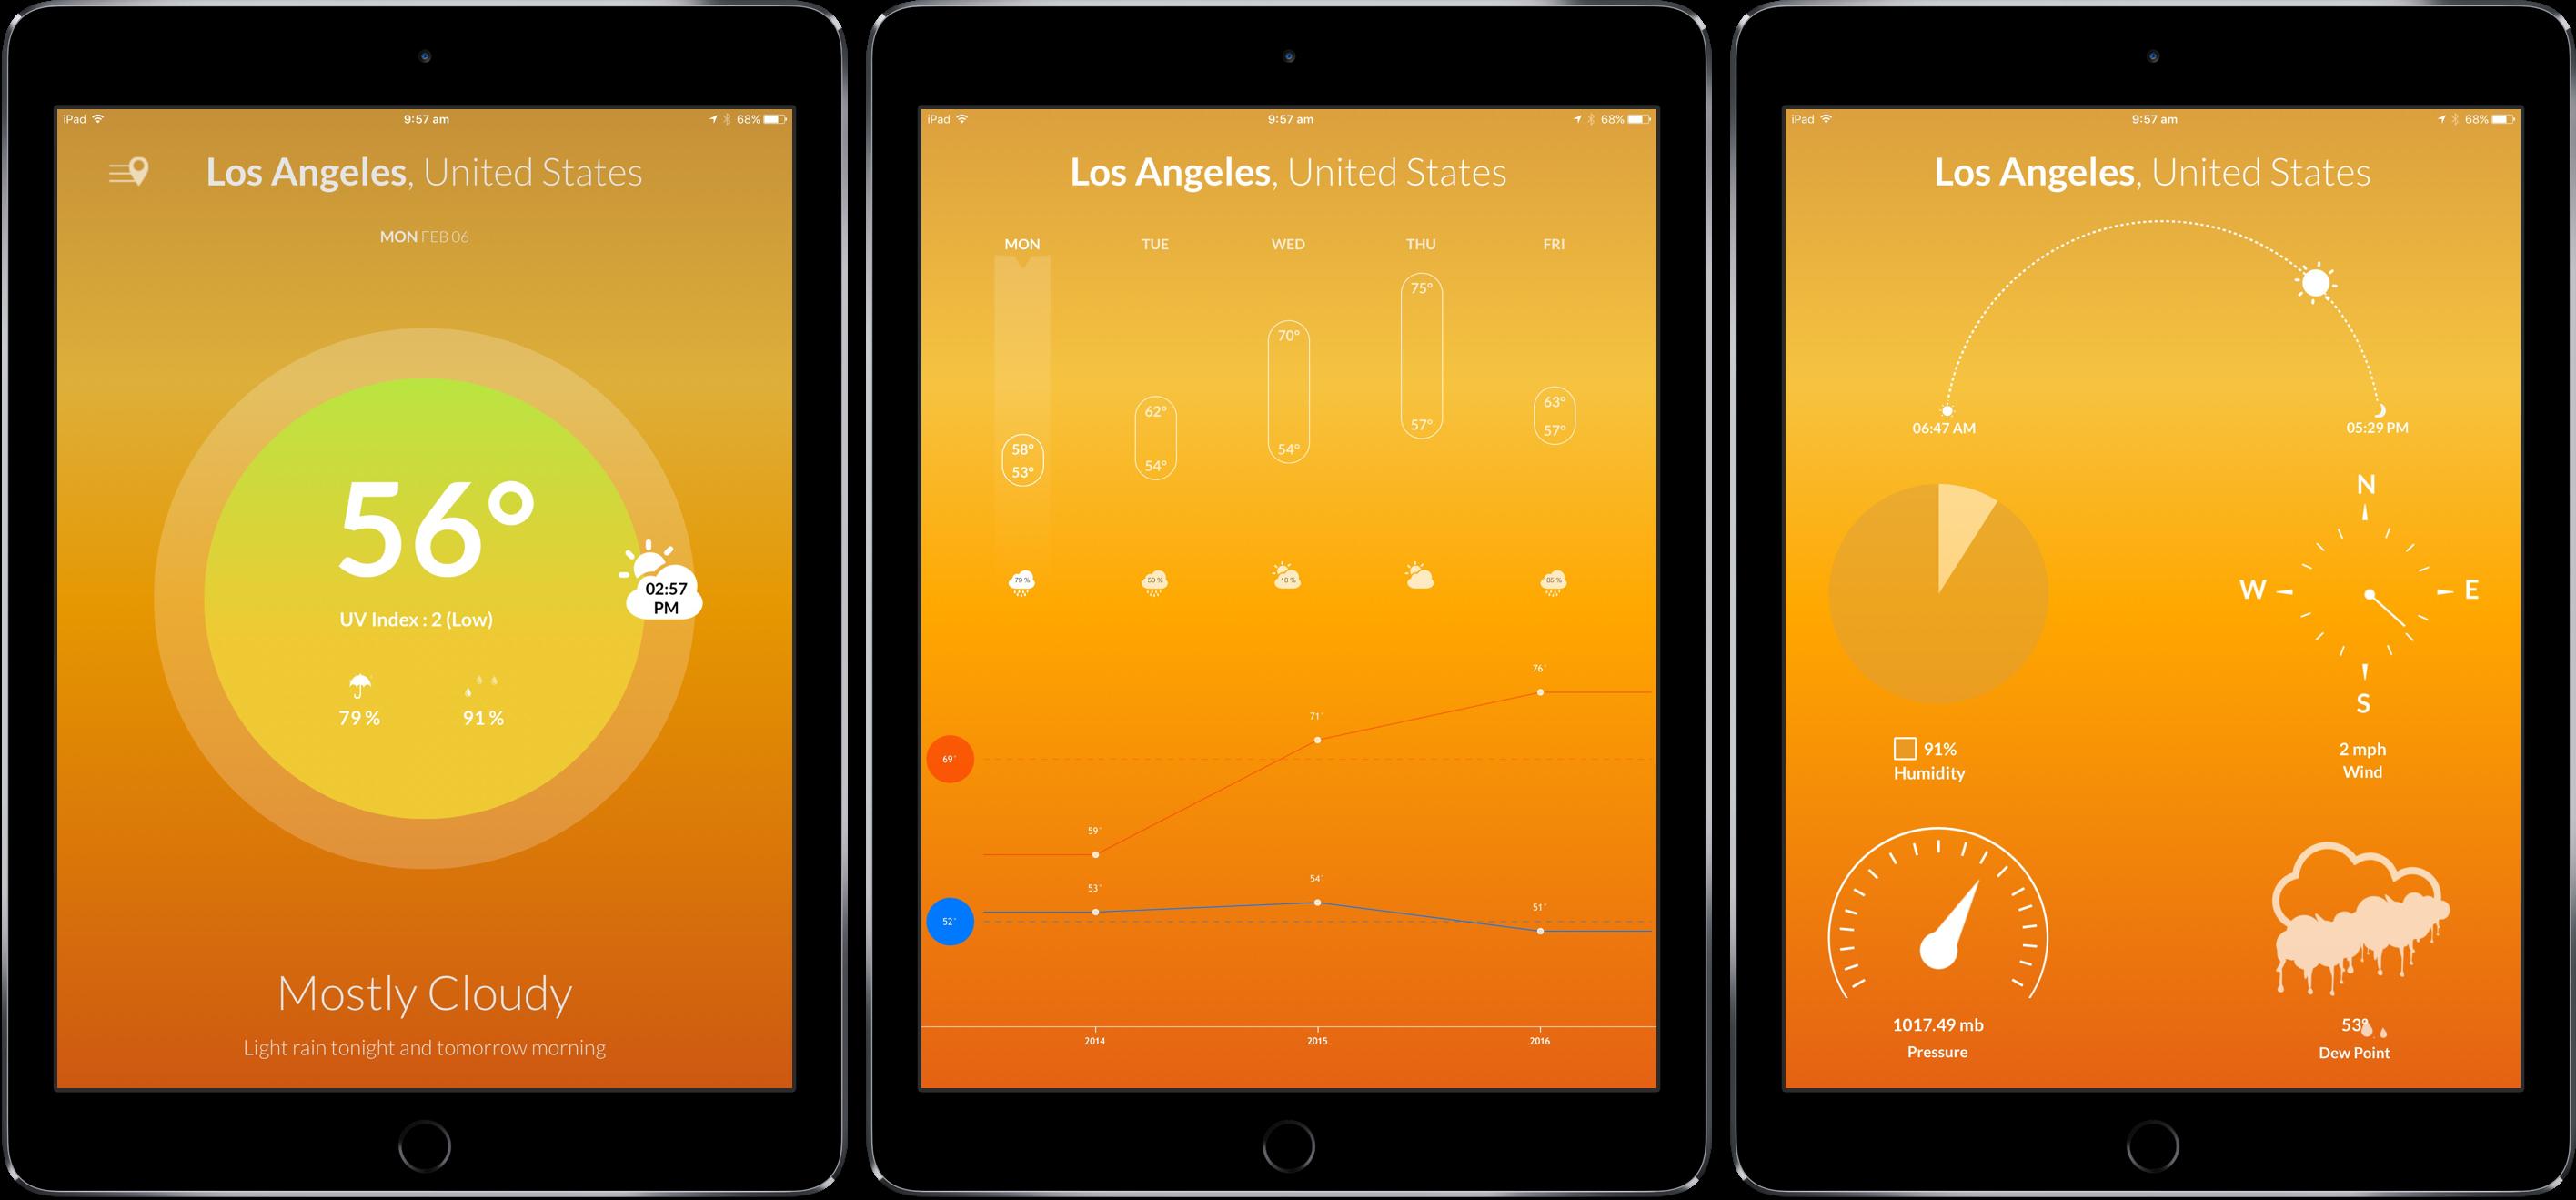 mejores aplicaciones meteorológicas para ipad - Whter para iPad